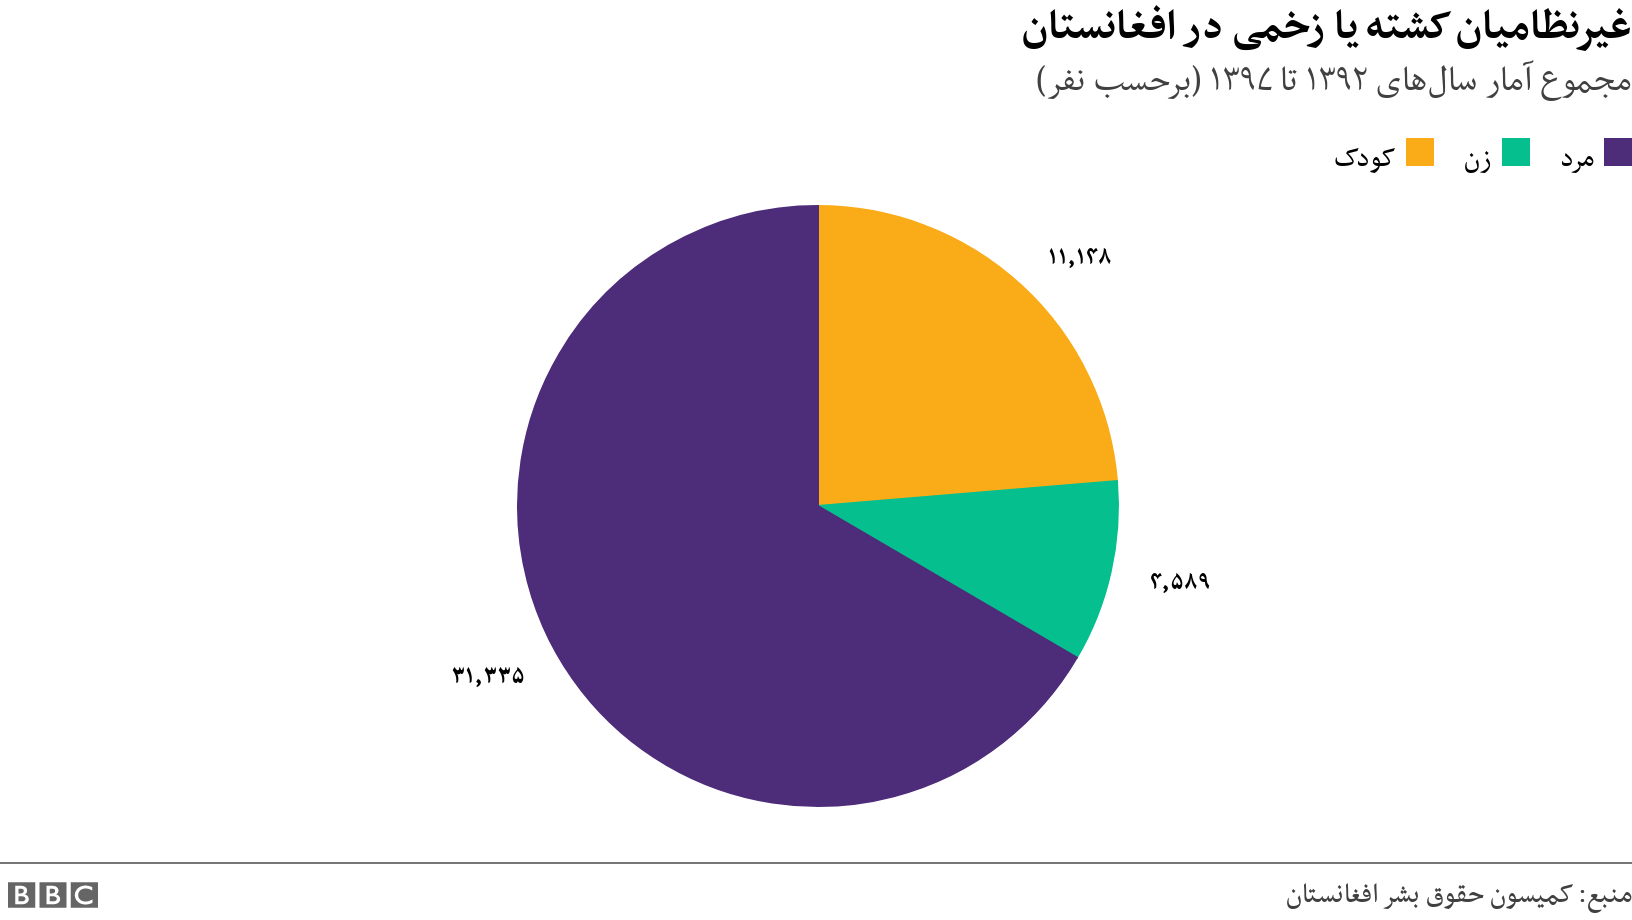 غیرنظامیان کشته یا زخمی در افغانستان. مجموع آمار سالهای ۱۳۹۲ تا ۱۳۹۷ (برحسب نفر).  .